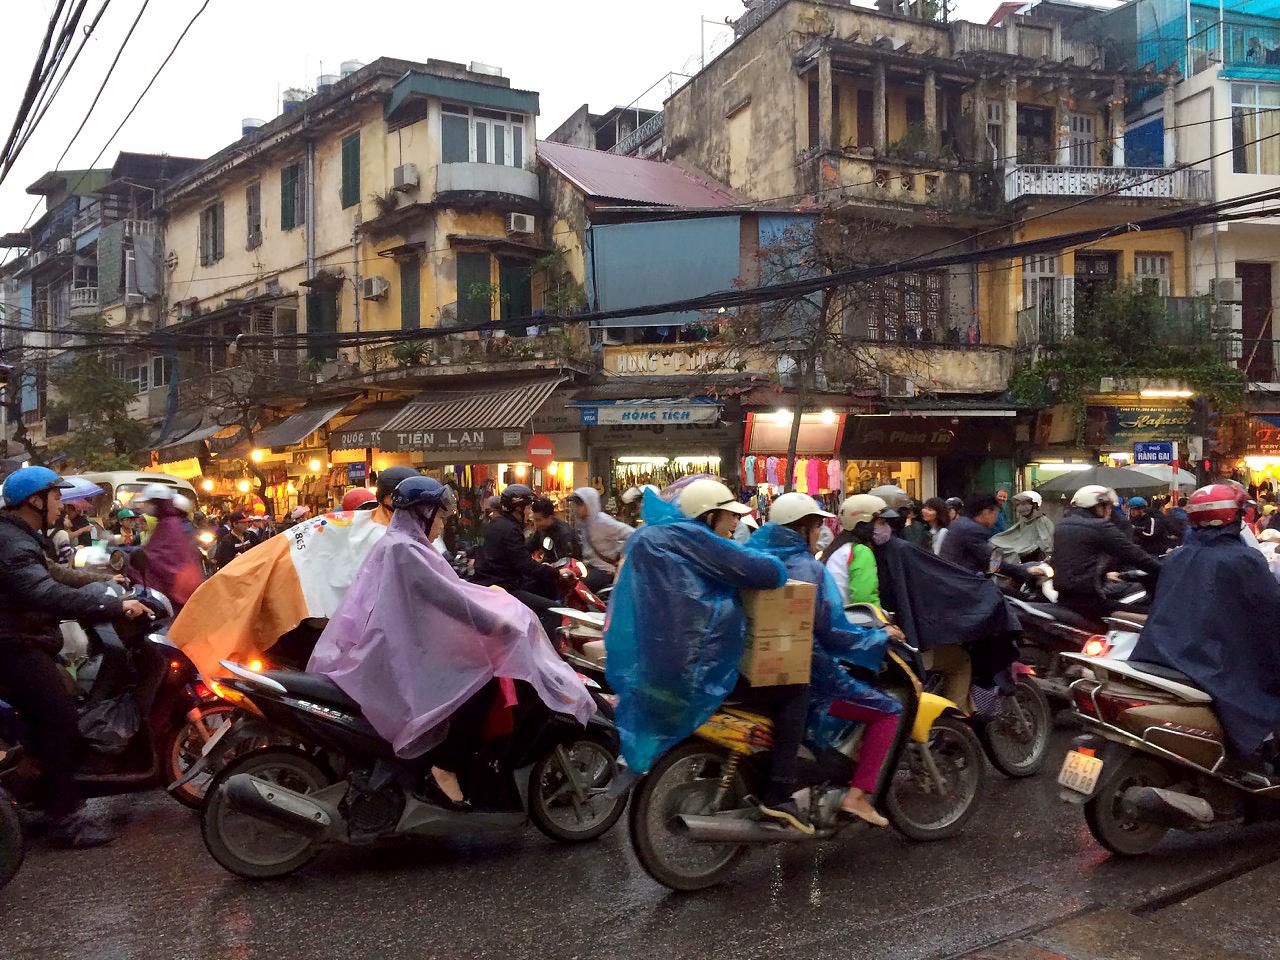 Путешествие по Вьетнаму, Ханой: Сумасшедший трафик на дорогах